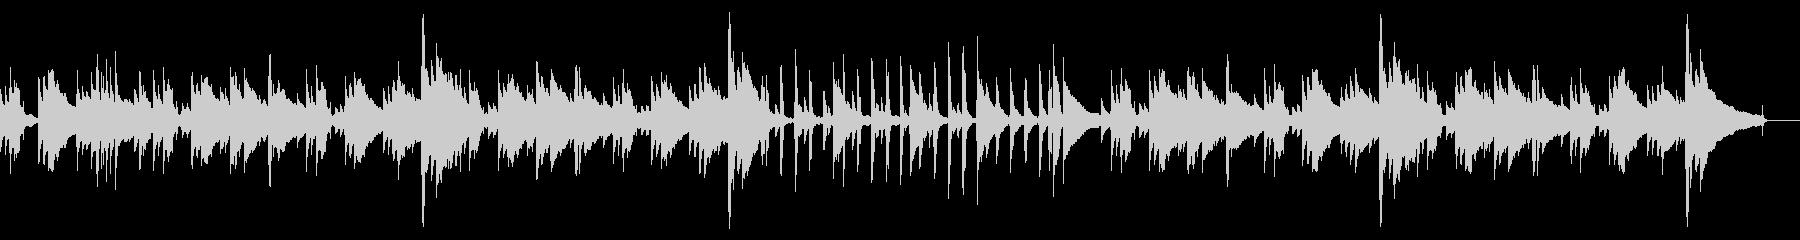 アコギ・ピアノのゆったり目BGMの未再生の波形